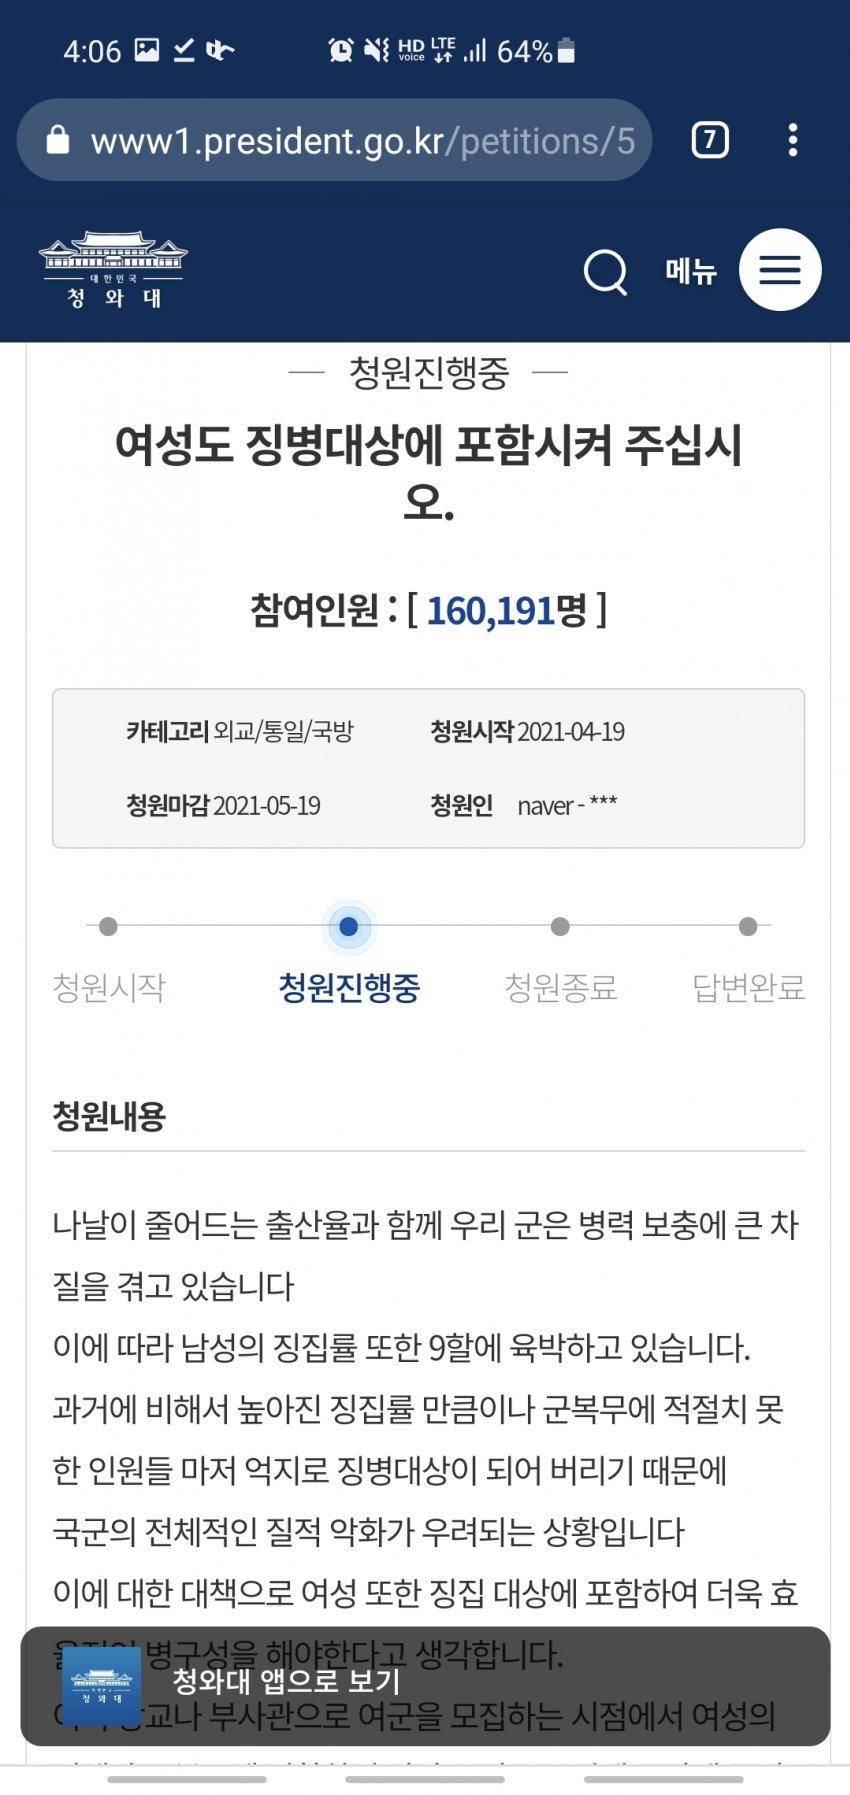 viewimage.php?id=2fbcc323e7d334aa51b1d3a24781&no=24b0d769e1d32ca73fec81fa11d02831b46f6c3837711f4400726c62de60225bfe1f4801bc994181a9a973c13d2df20bcca9606297616e69ee8a1317cc84843fe23c53f991f6b7d7f623e18c23934a51ebb90316ed900adb82cb5930abd7d932f1d90f45fbfac82cec30eb